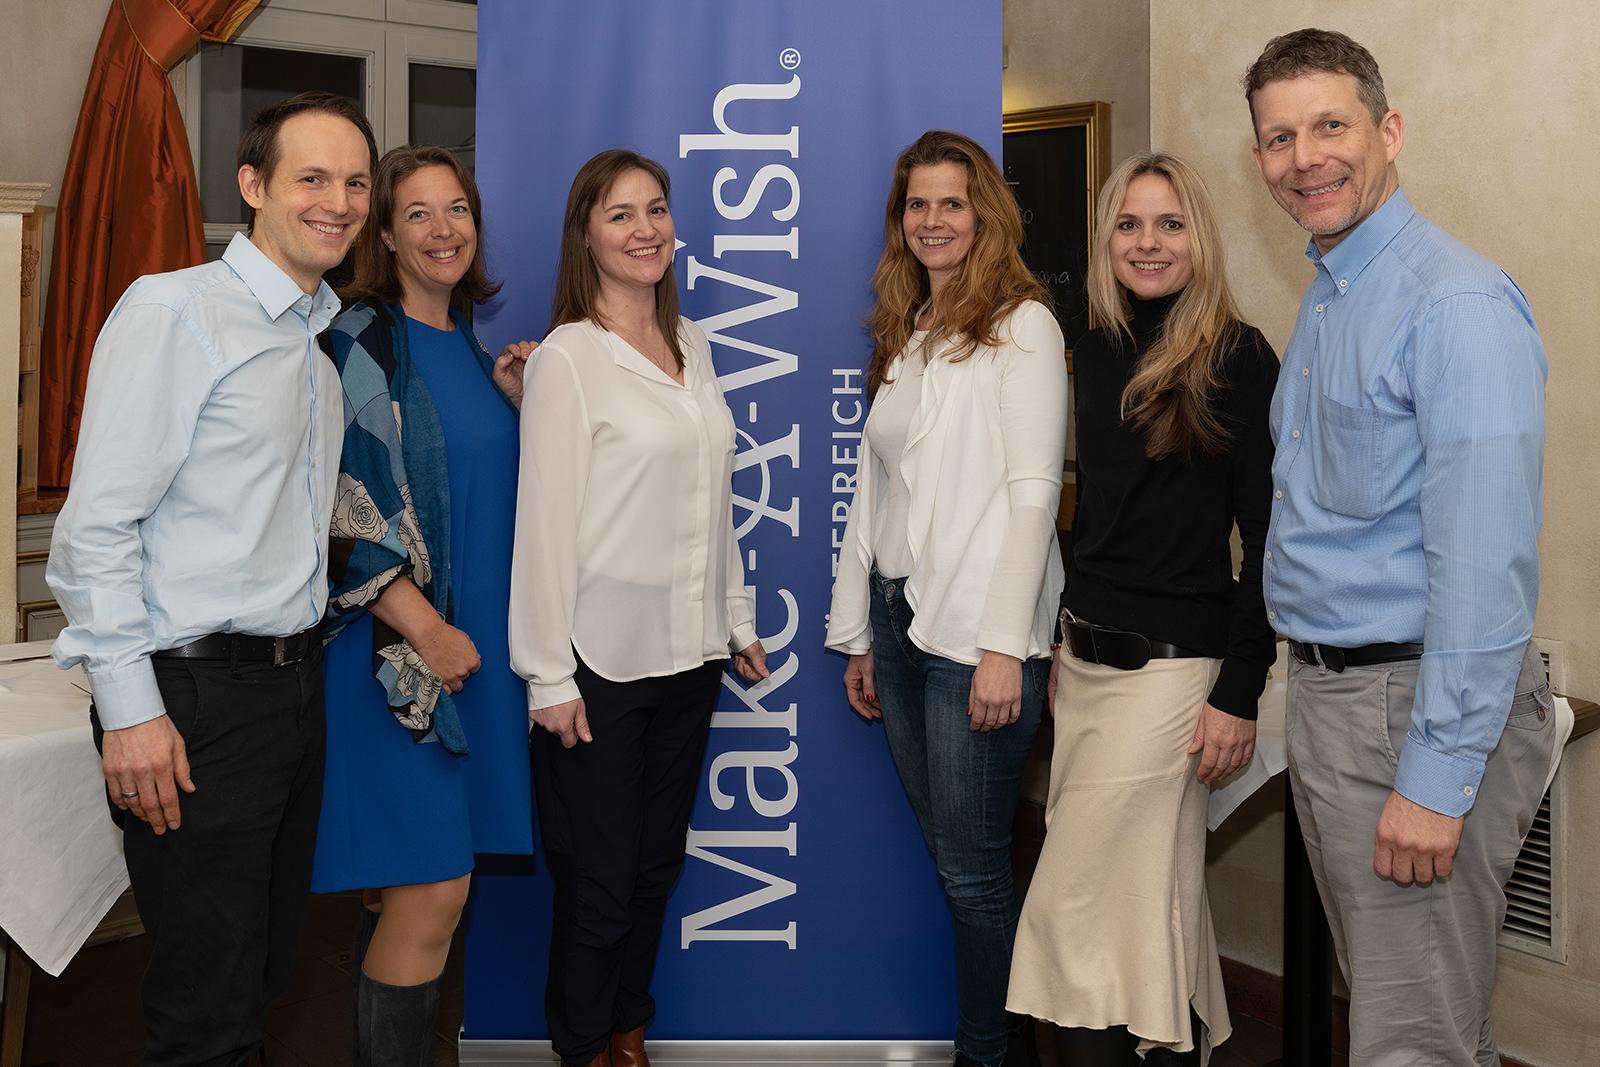 Make-A-Wish in Kitzbühel. Neu gewählter Vorstand begrüßt das Jahr mit 1.500 erfüllten Wünschen.